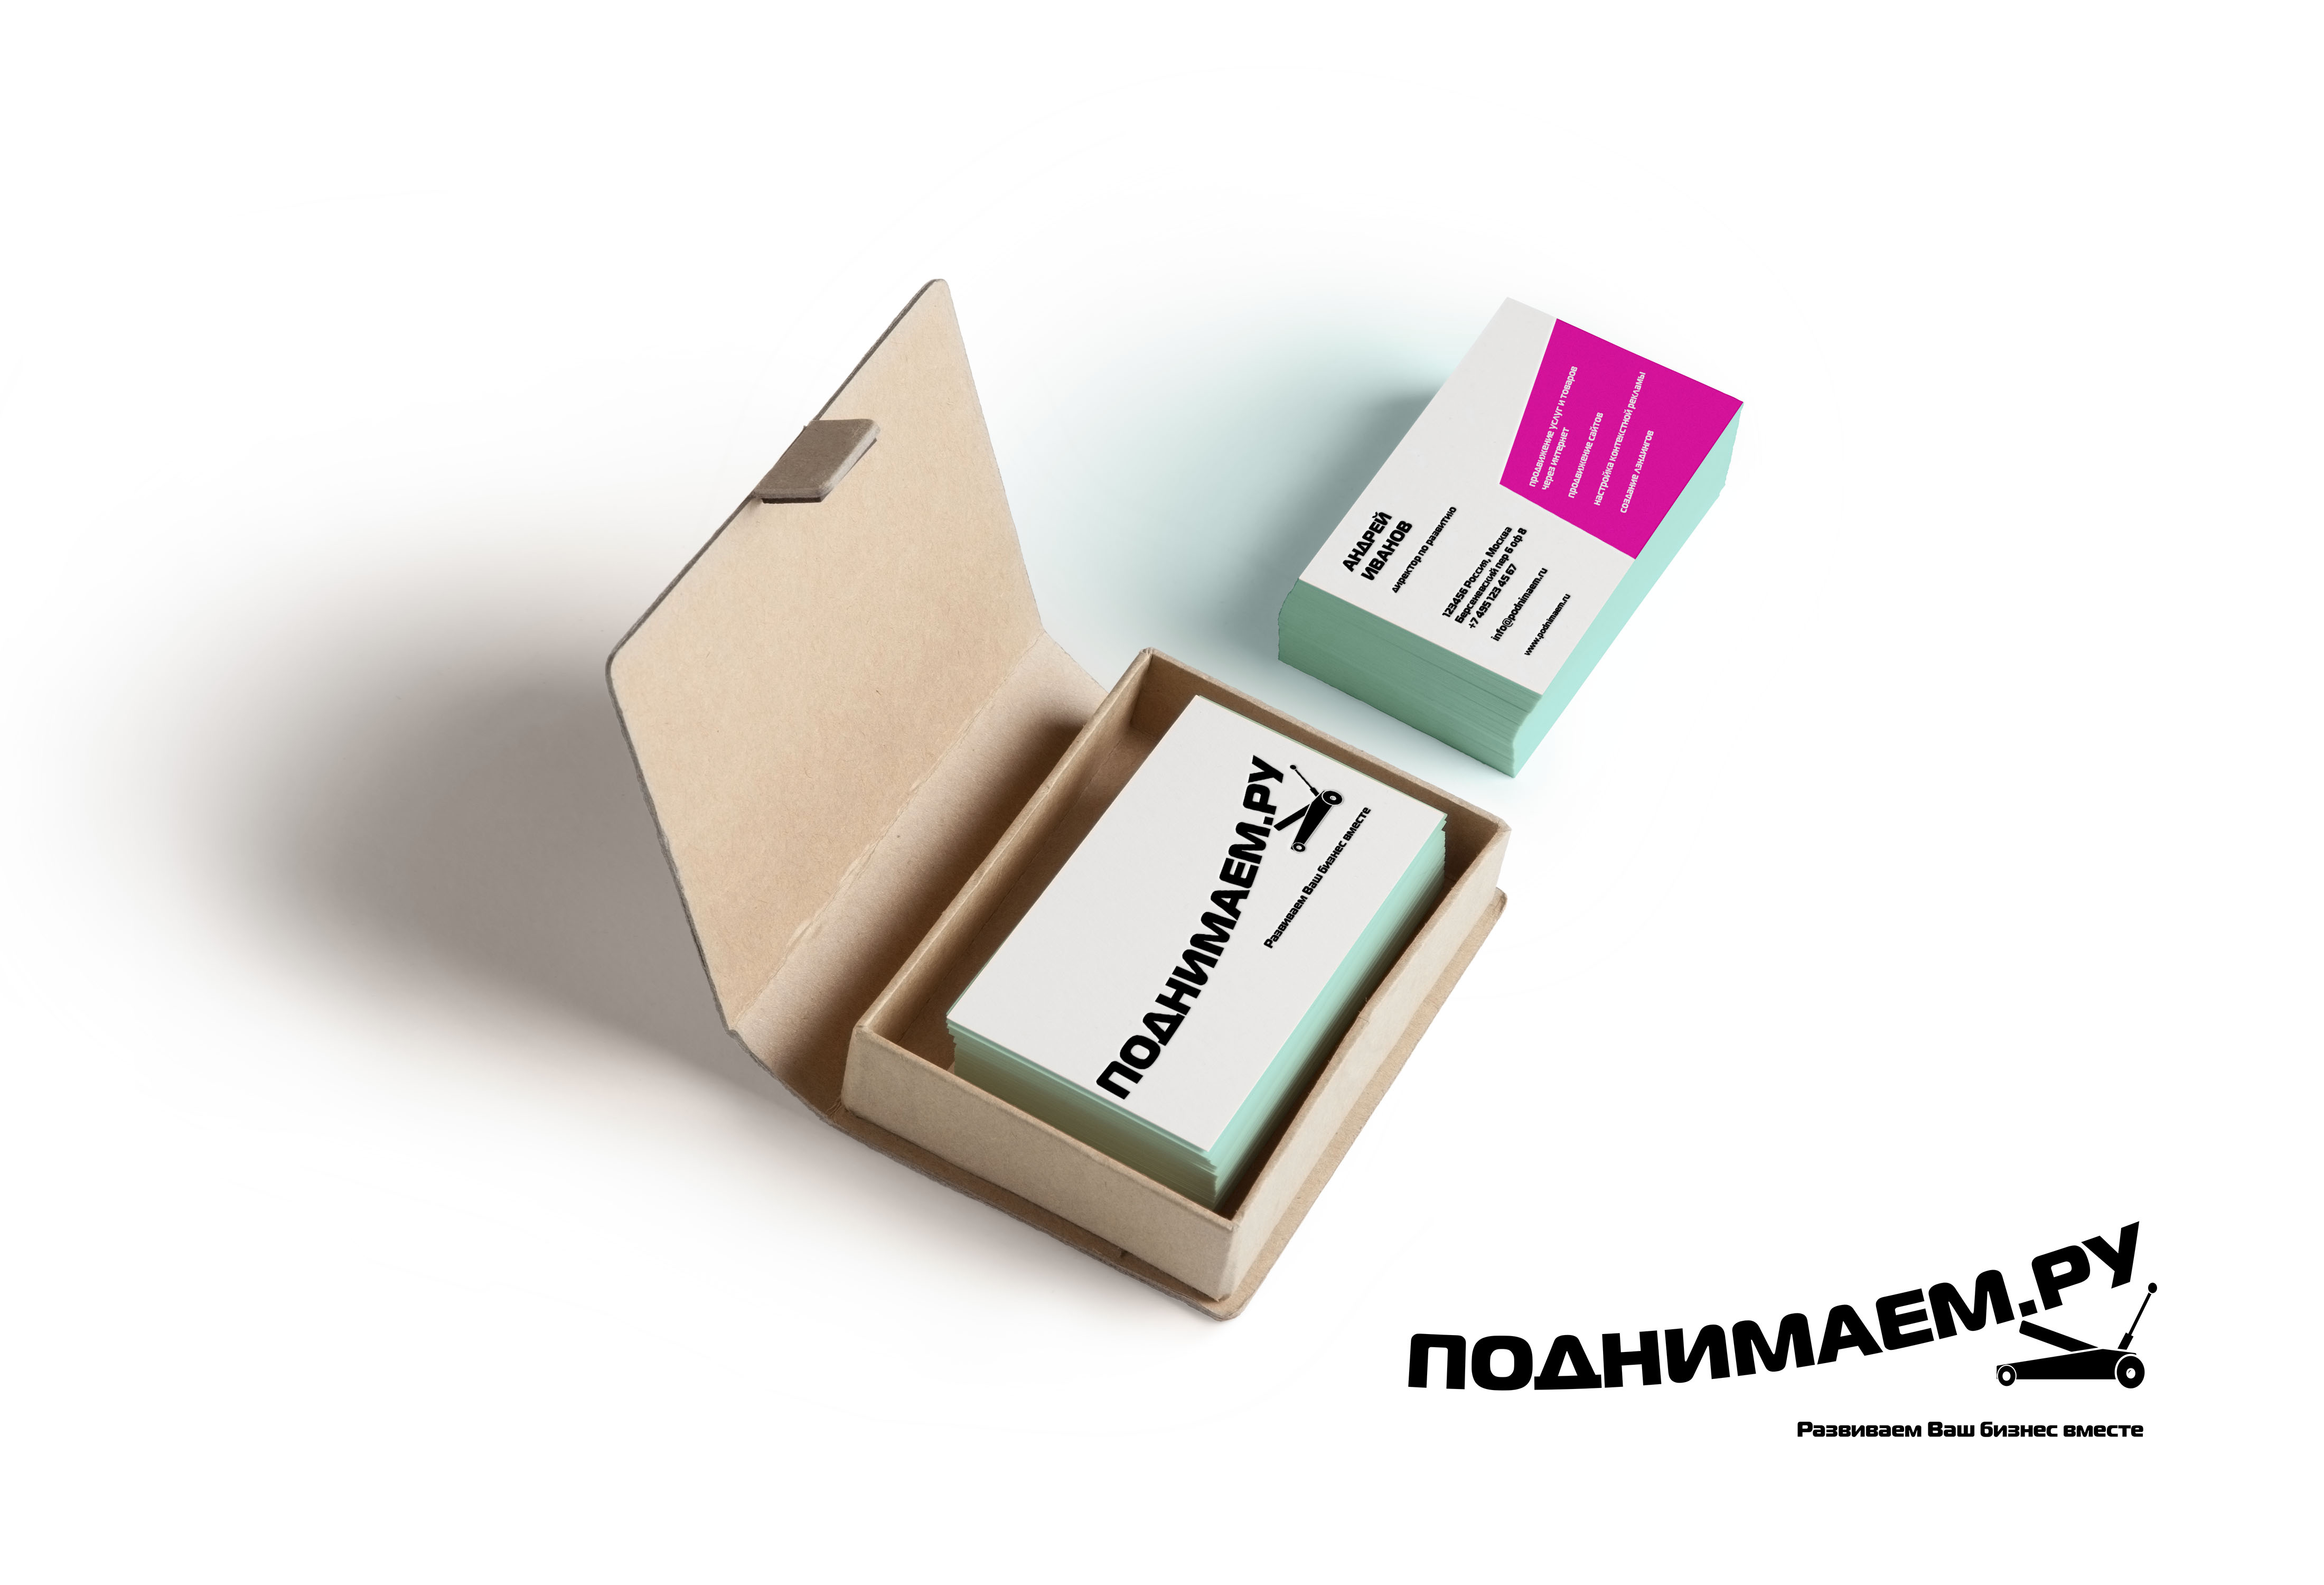 Разработать логотип + визитку + логотип для печати ООО +++ фото f_18155466f7ac9203.jpg